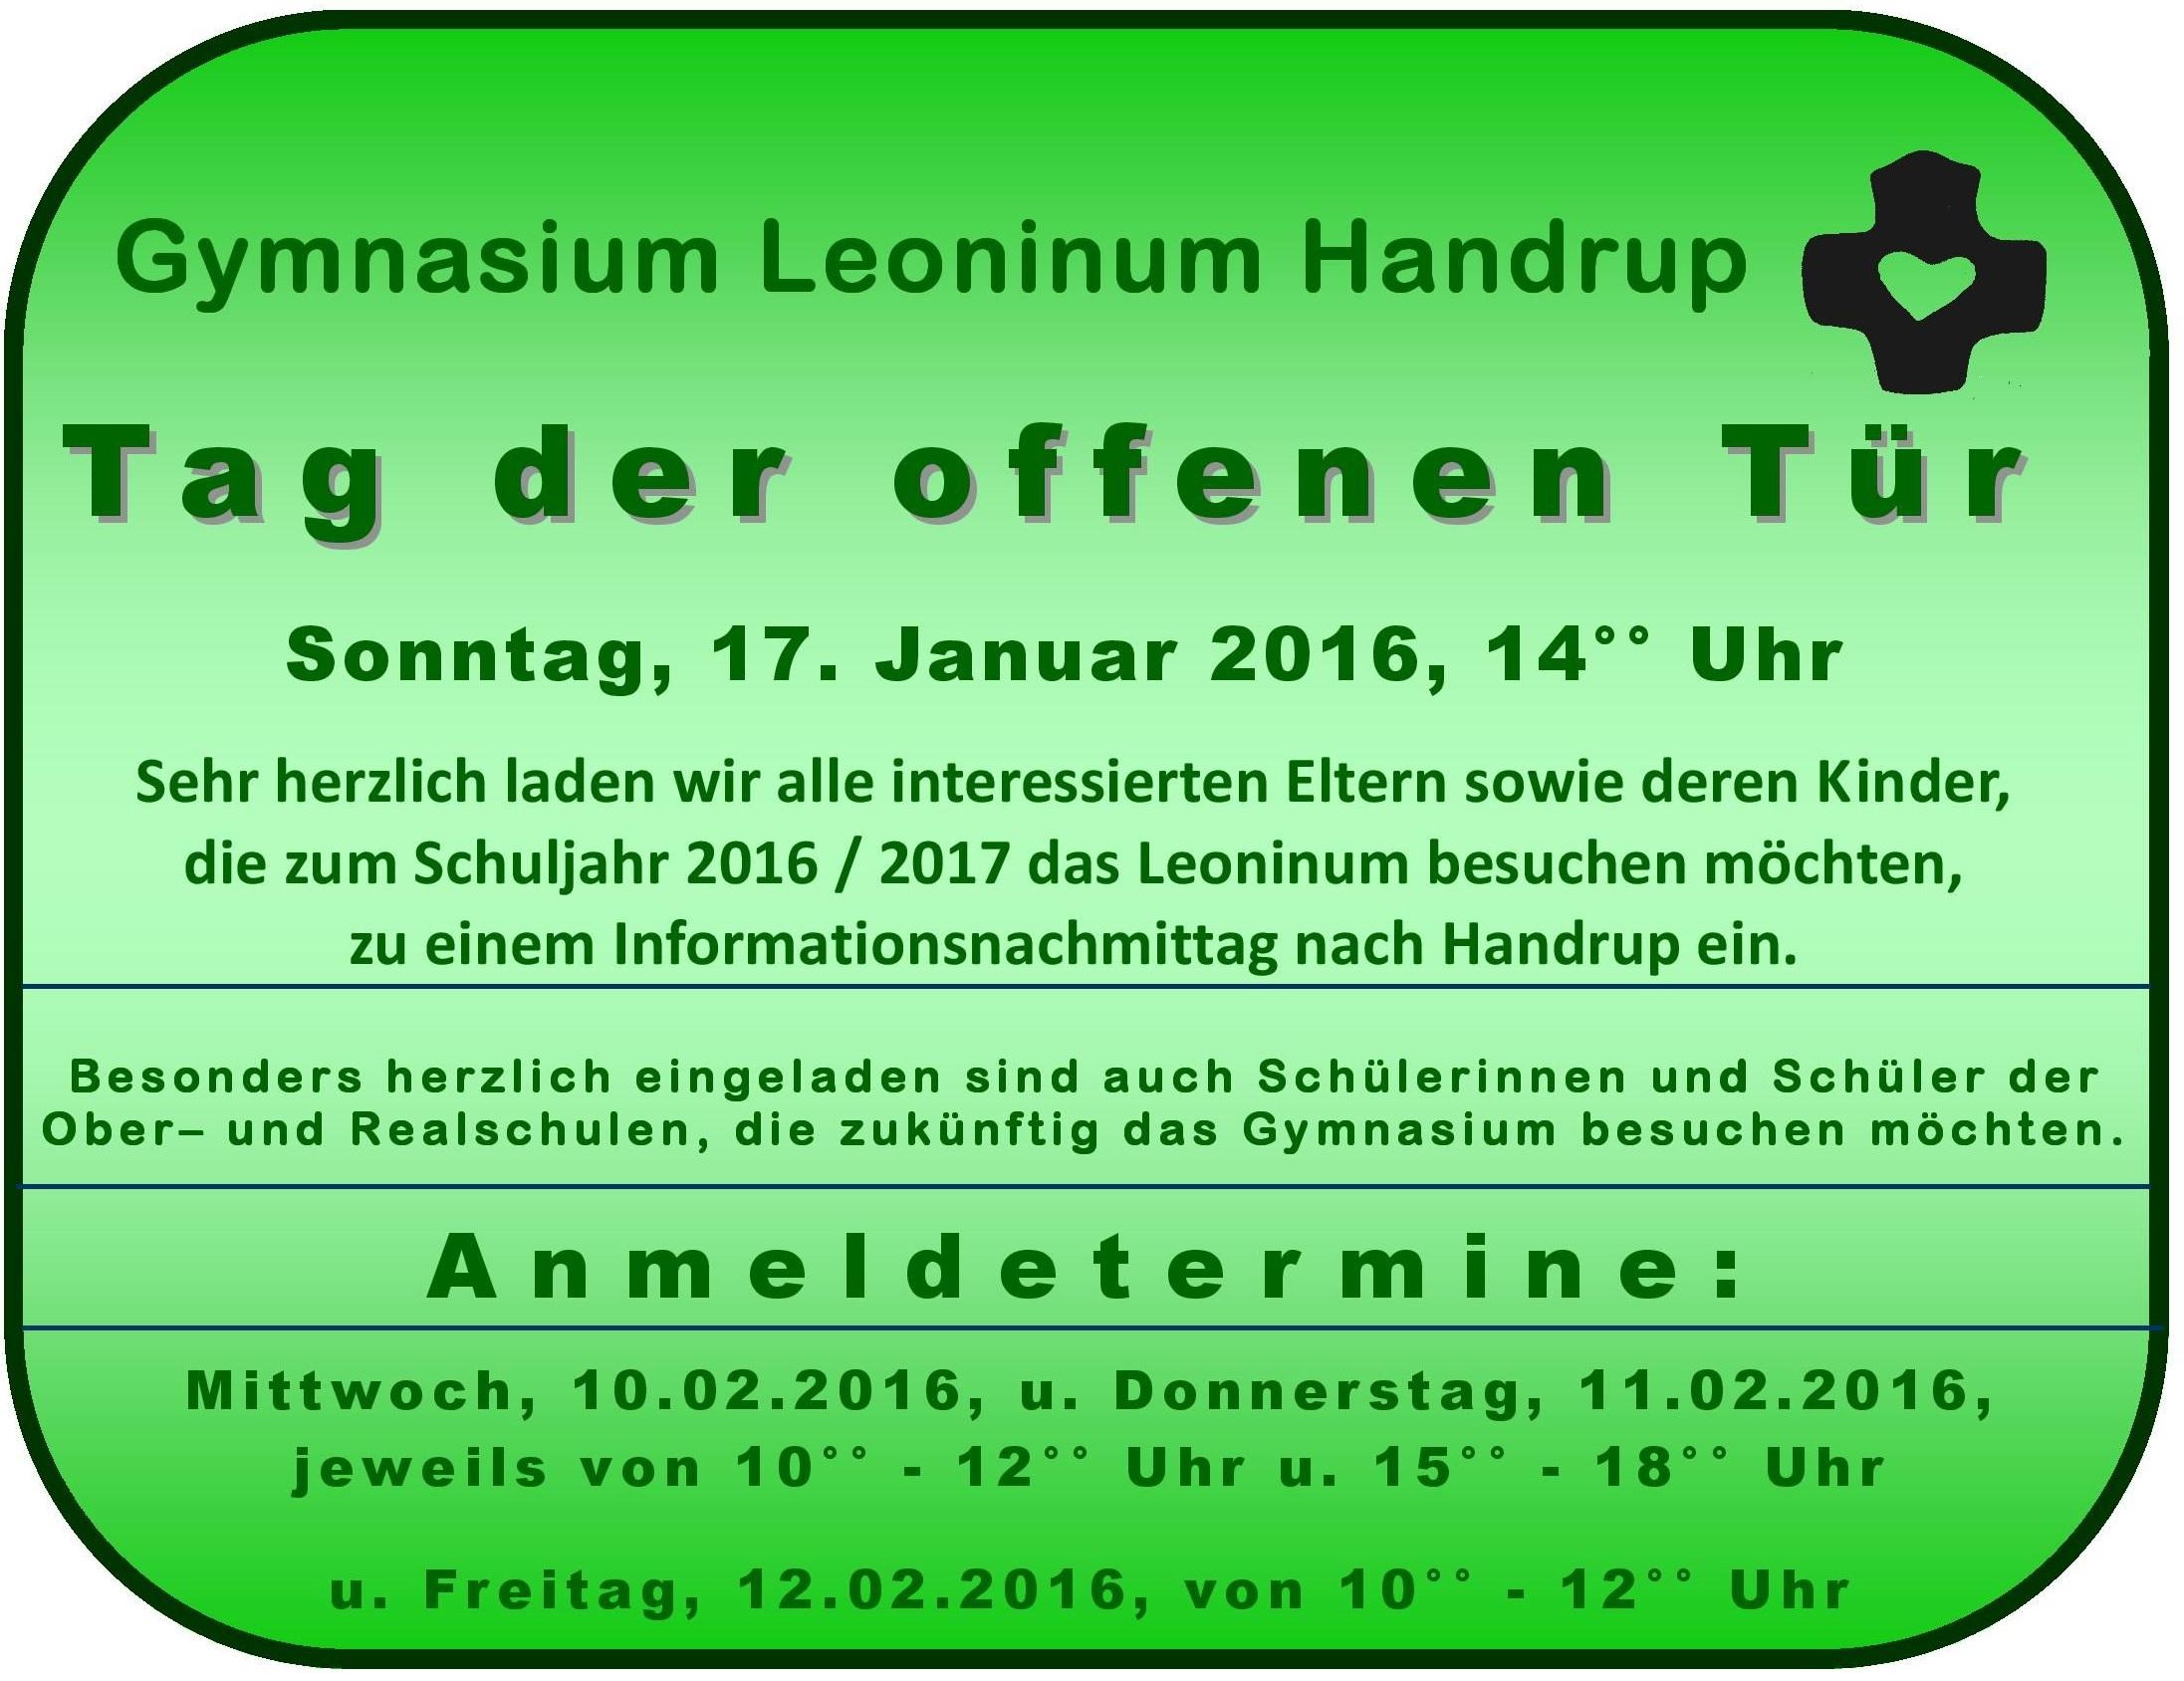 Wann ist tag der offenen tür  Tag der offenen Tür | Gymnasium Leoninum Handrup